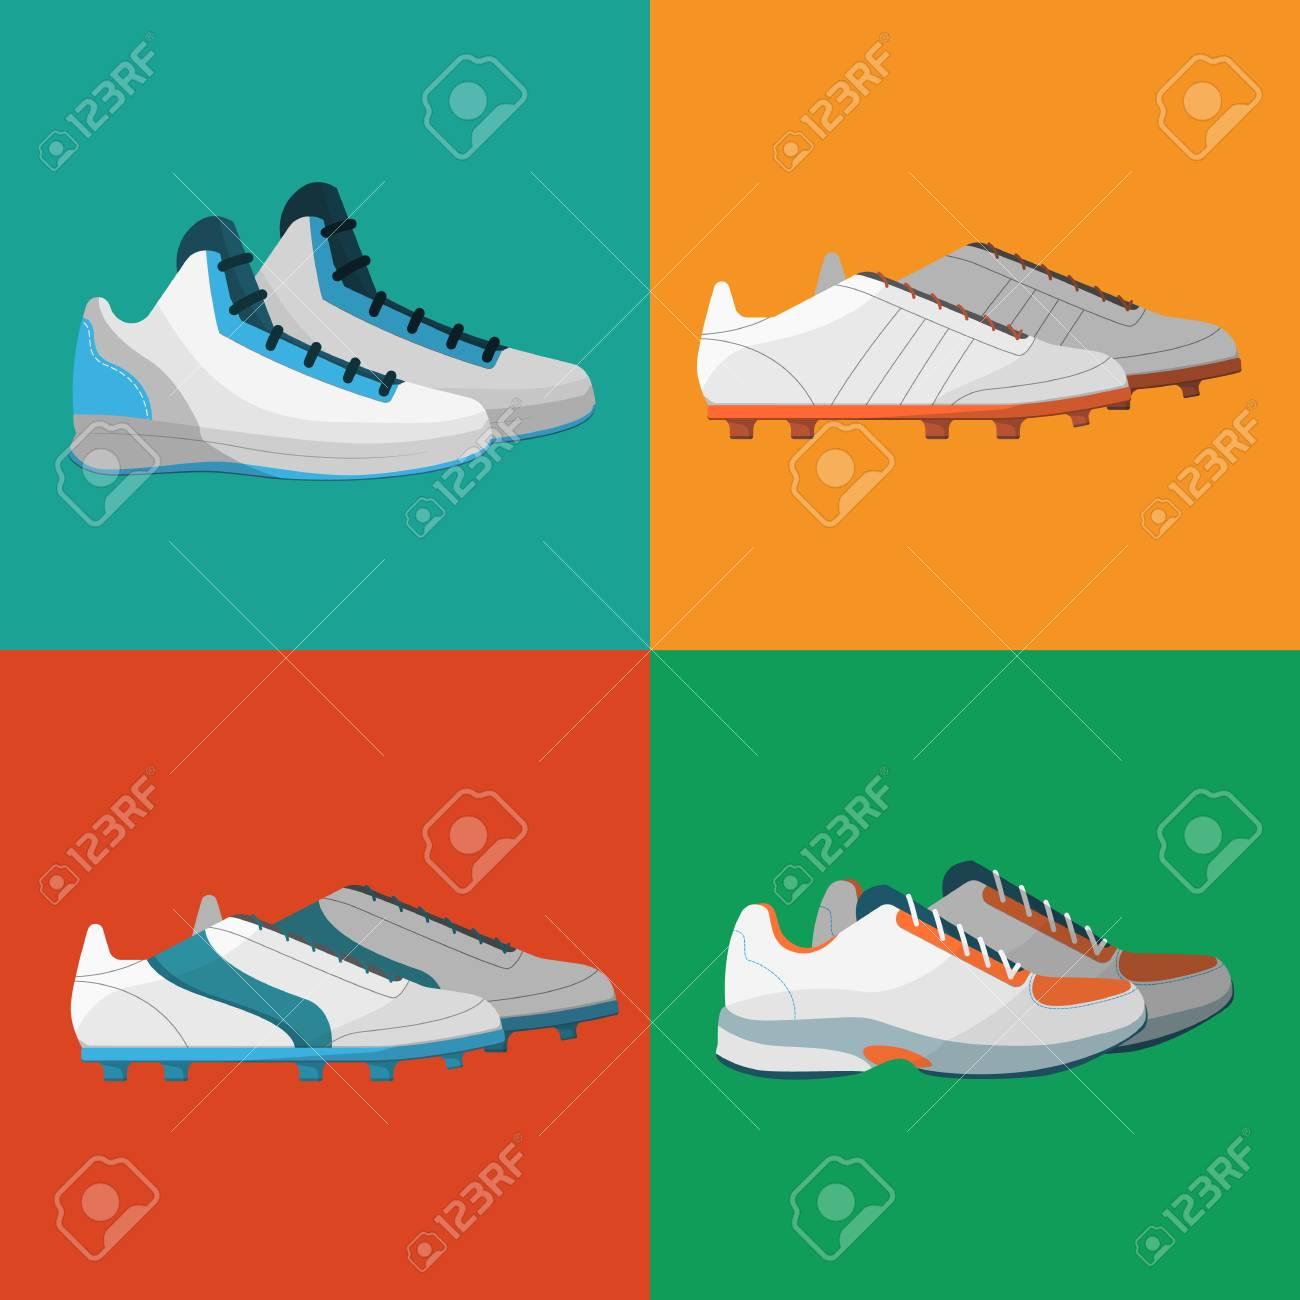 ConjuntoVarios Ilustración Iconos De Zapatos Vectorial Deporte k08PwOn